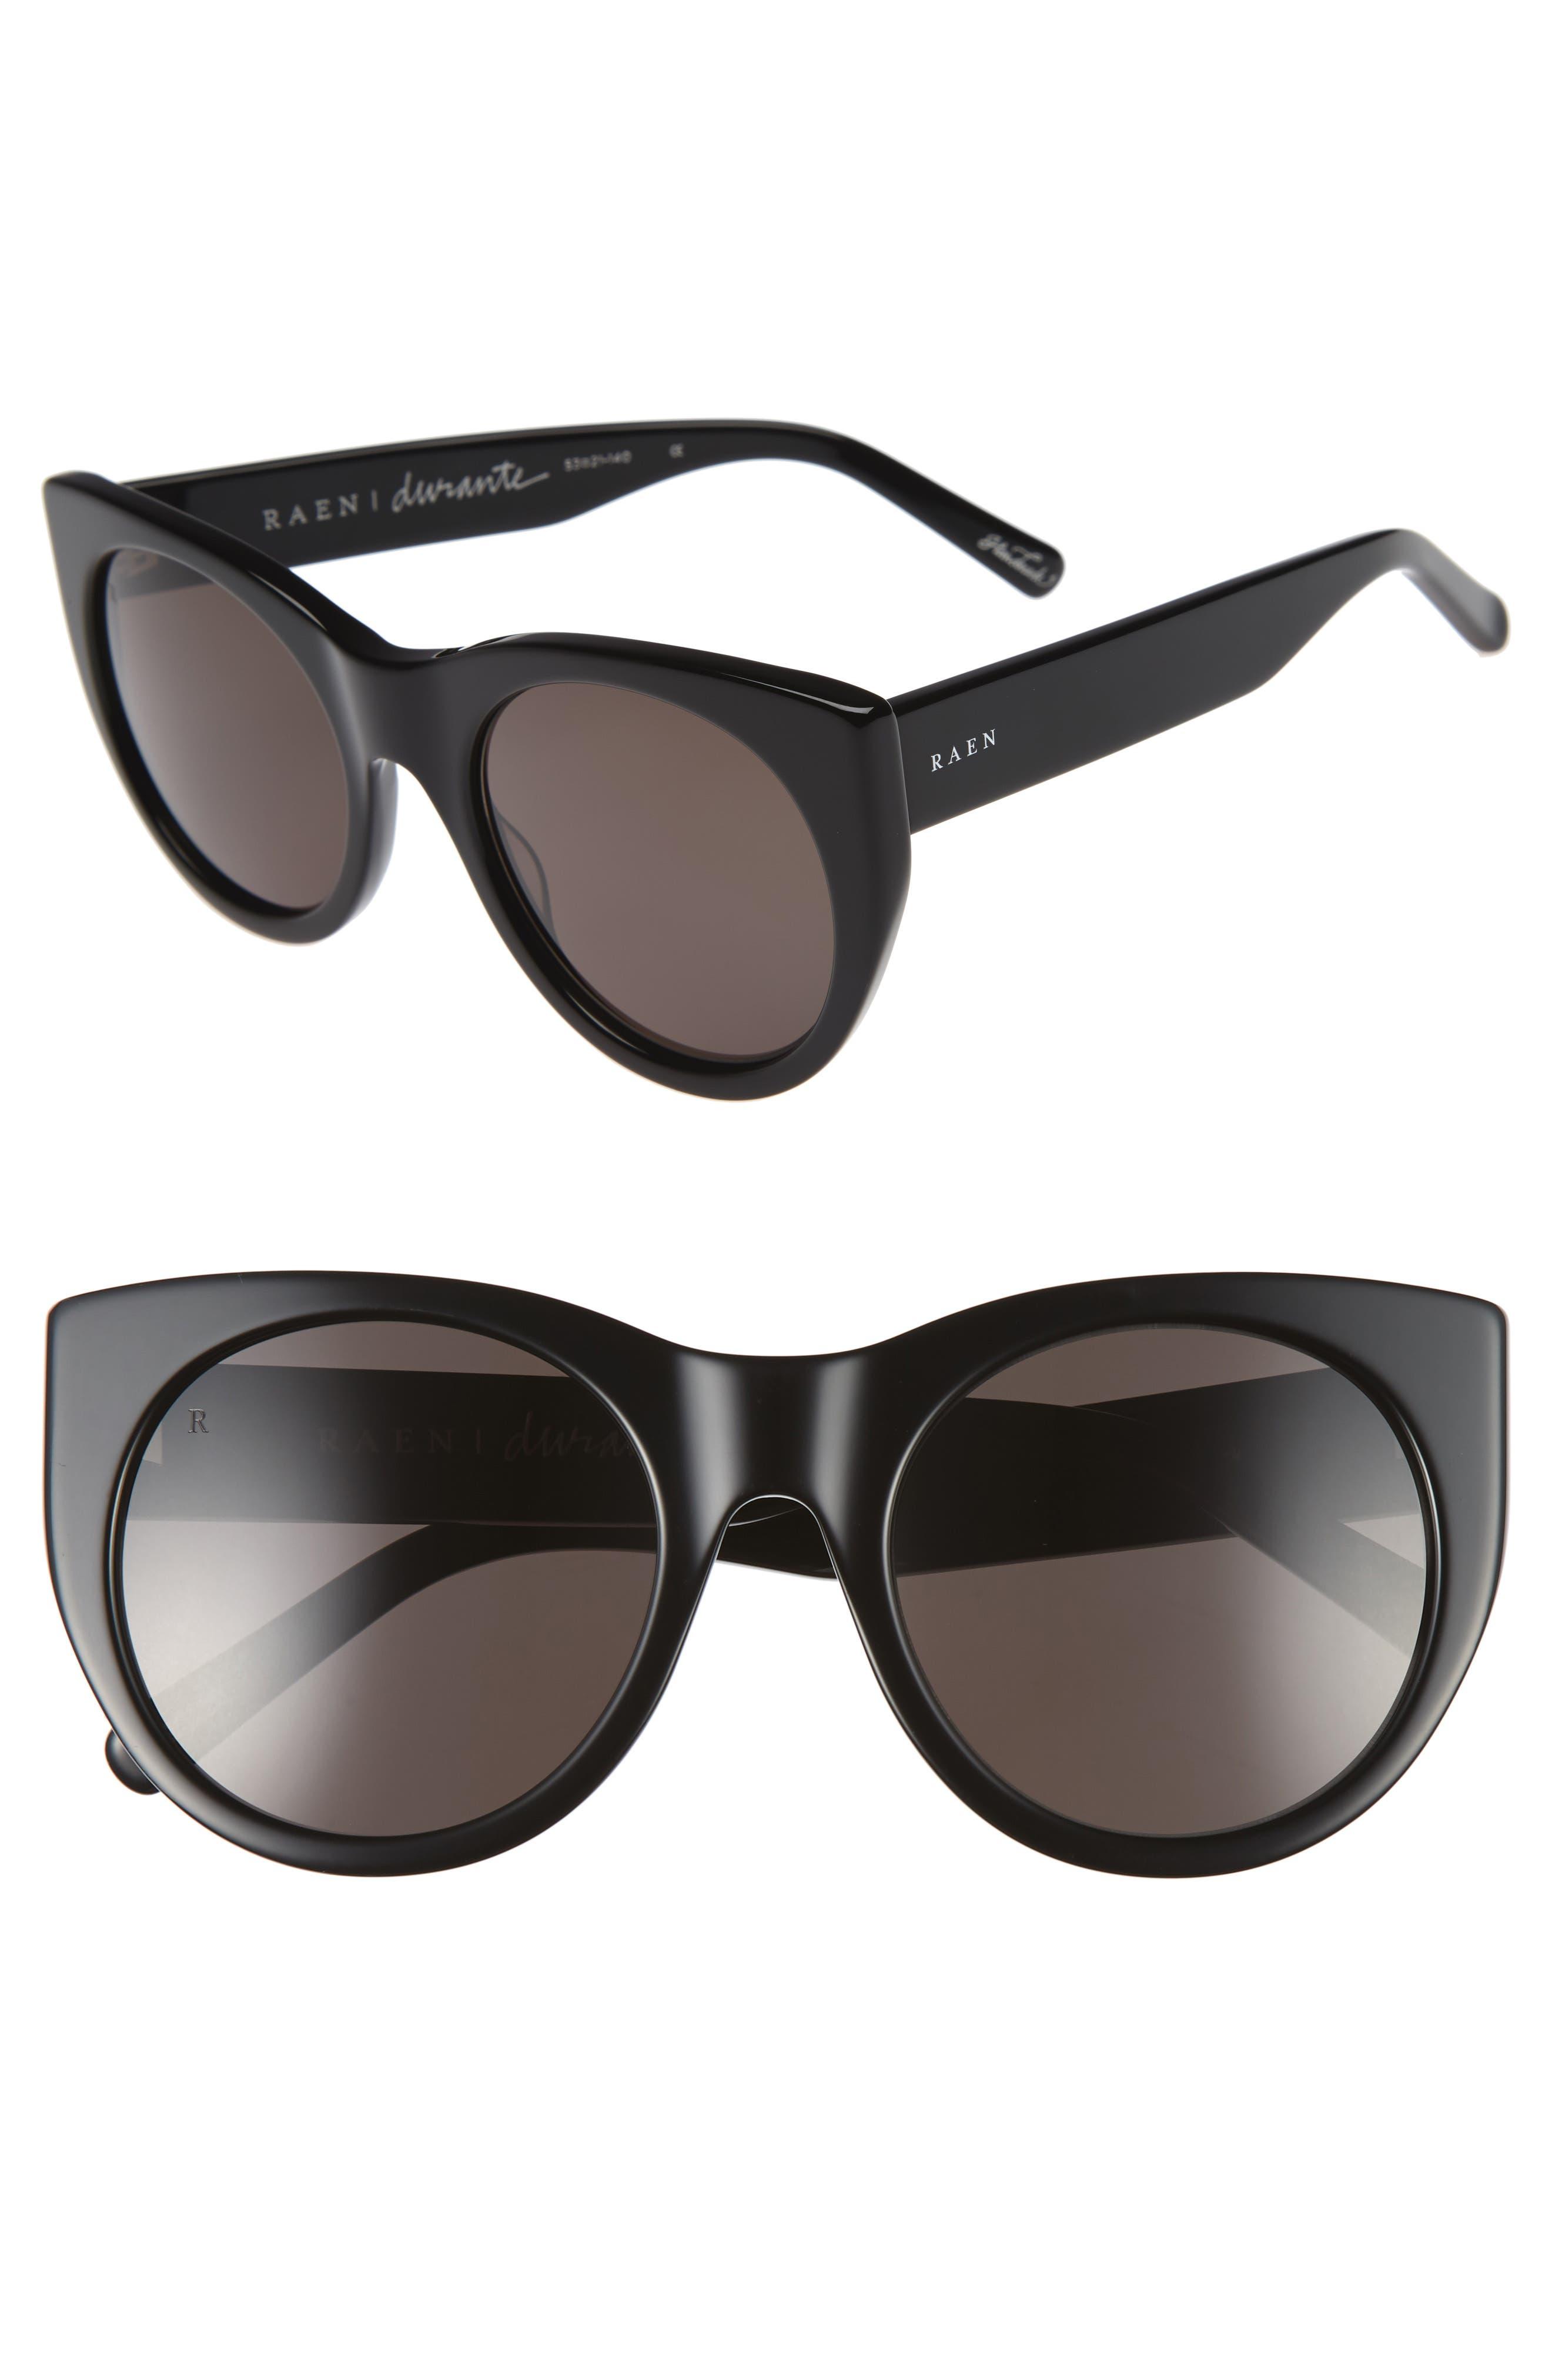 RAEN Durante 53mm Retro Sunglasses